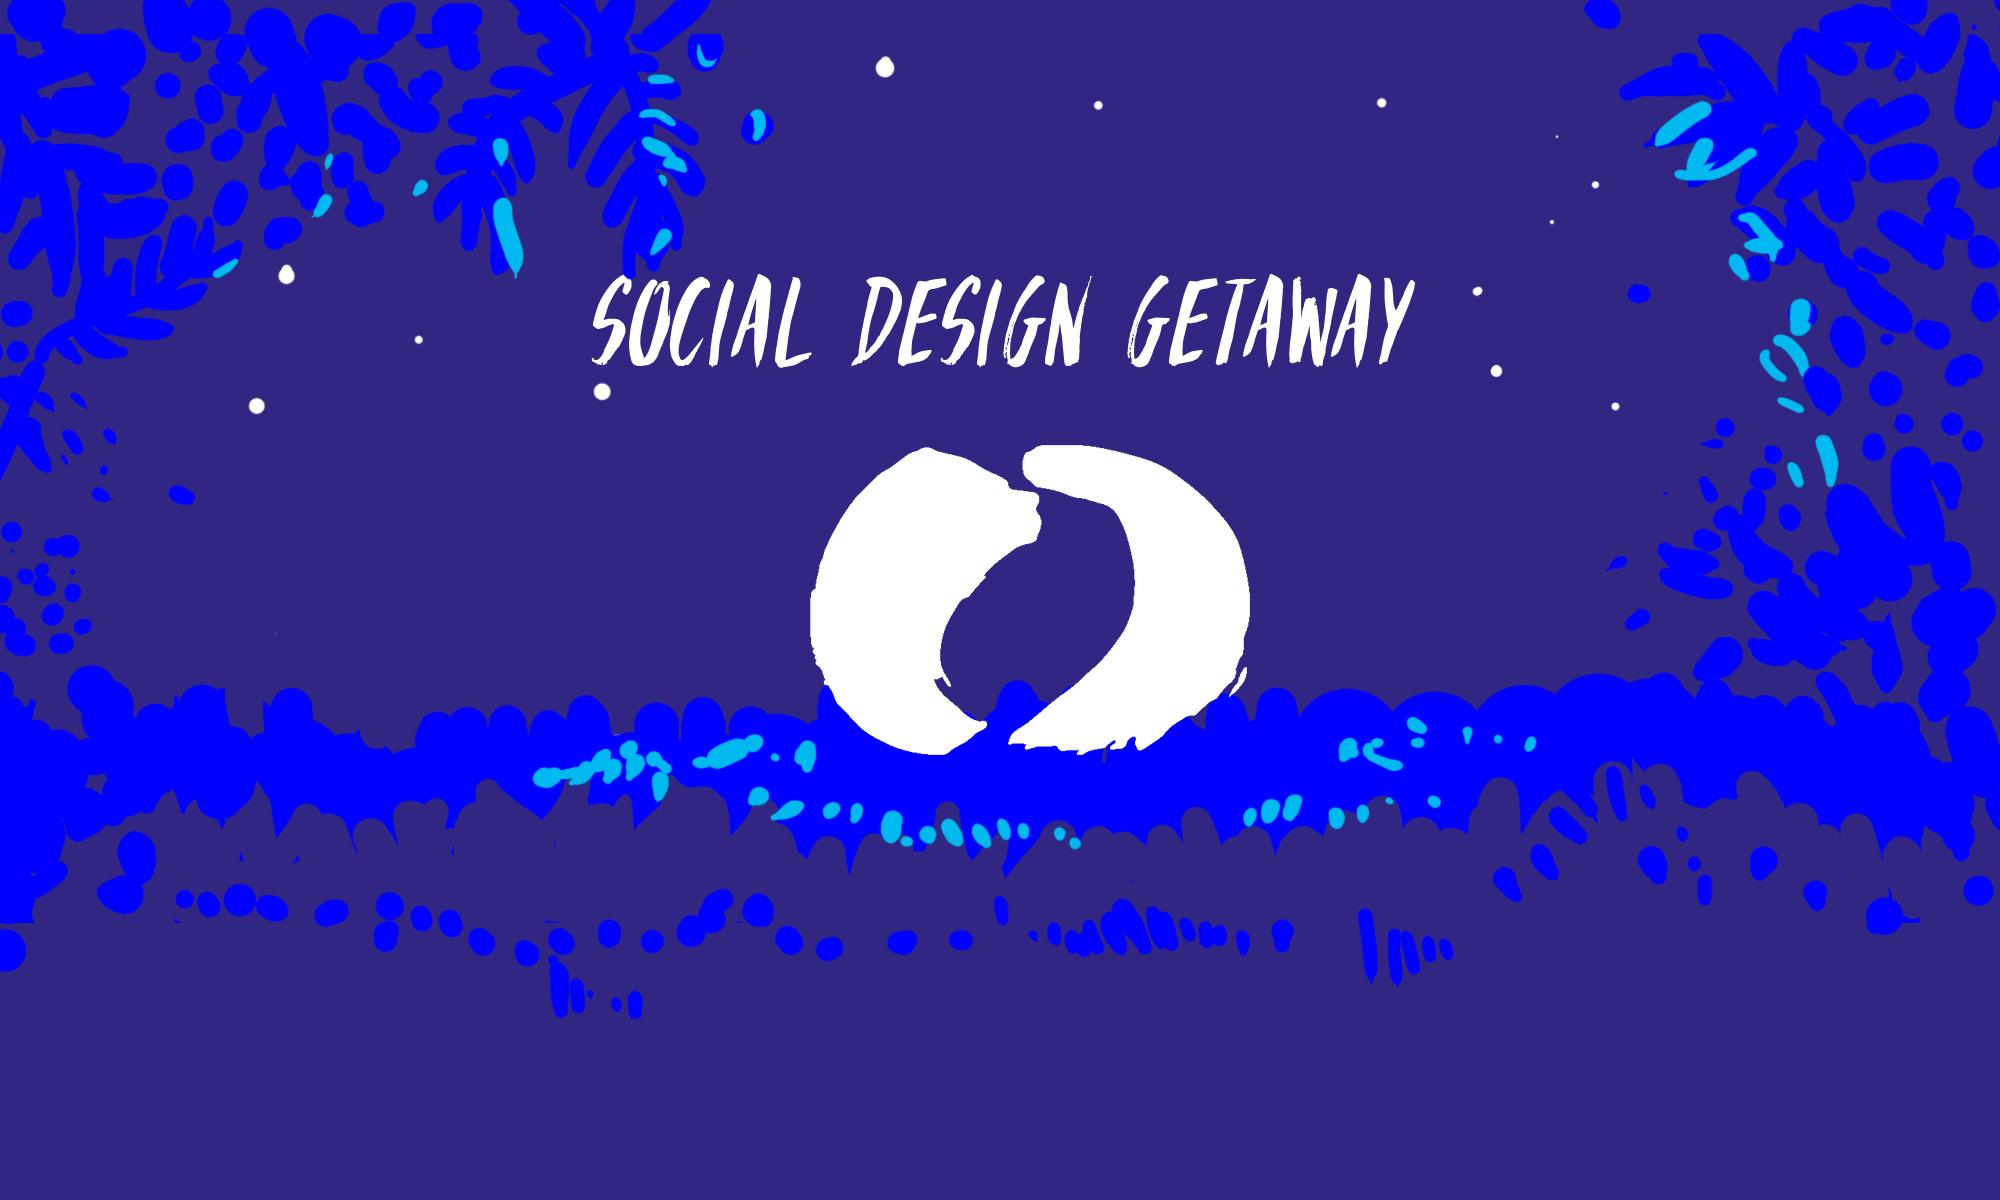 Social Design Getaway